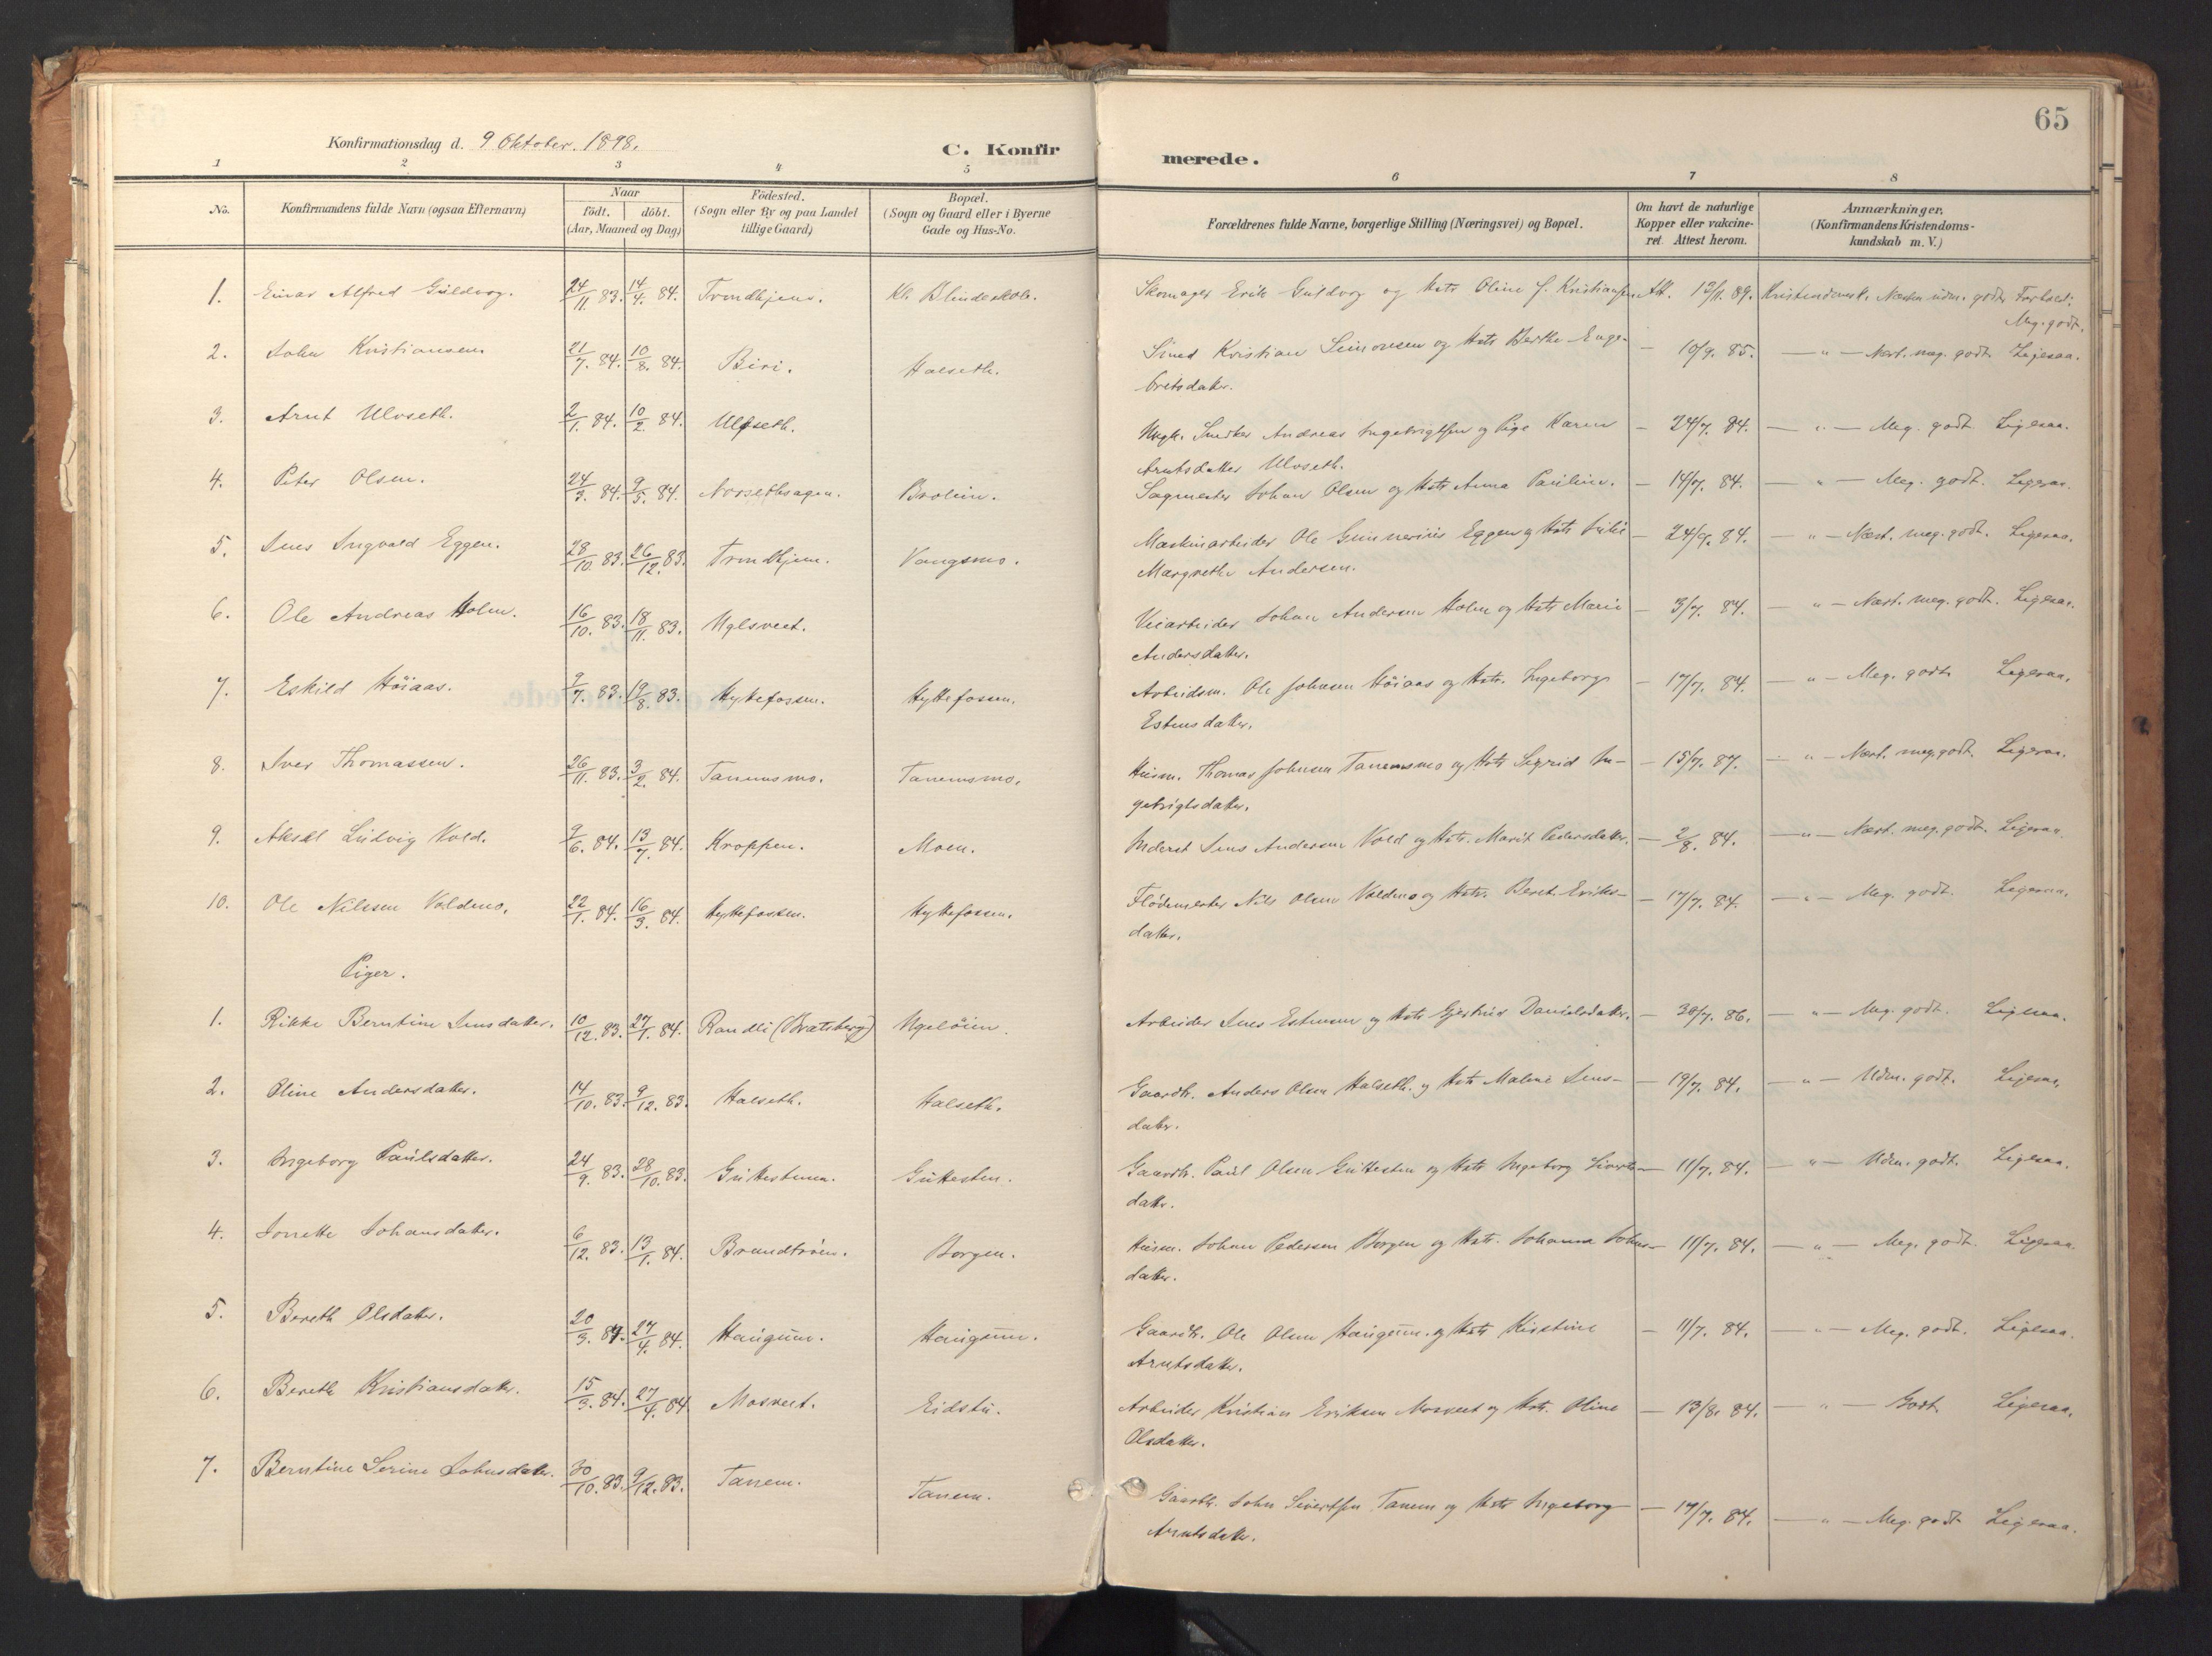 SAT, Ministerialprotokoller, klokkerbøker og fødselsregistre - Sør-Trøndelag, 618/L0448: Ministerialbok nr. 618A11, 1898-1916, s. 65